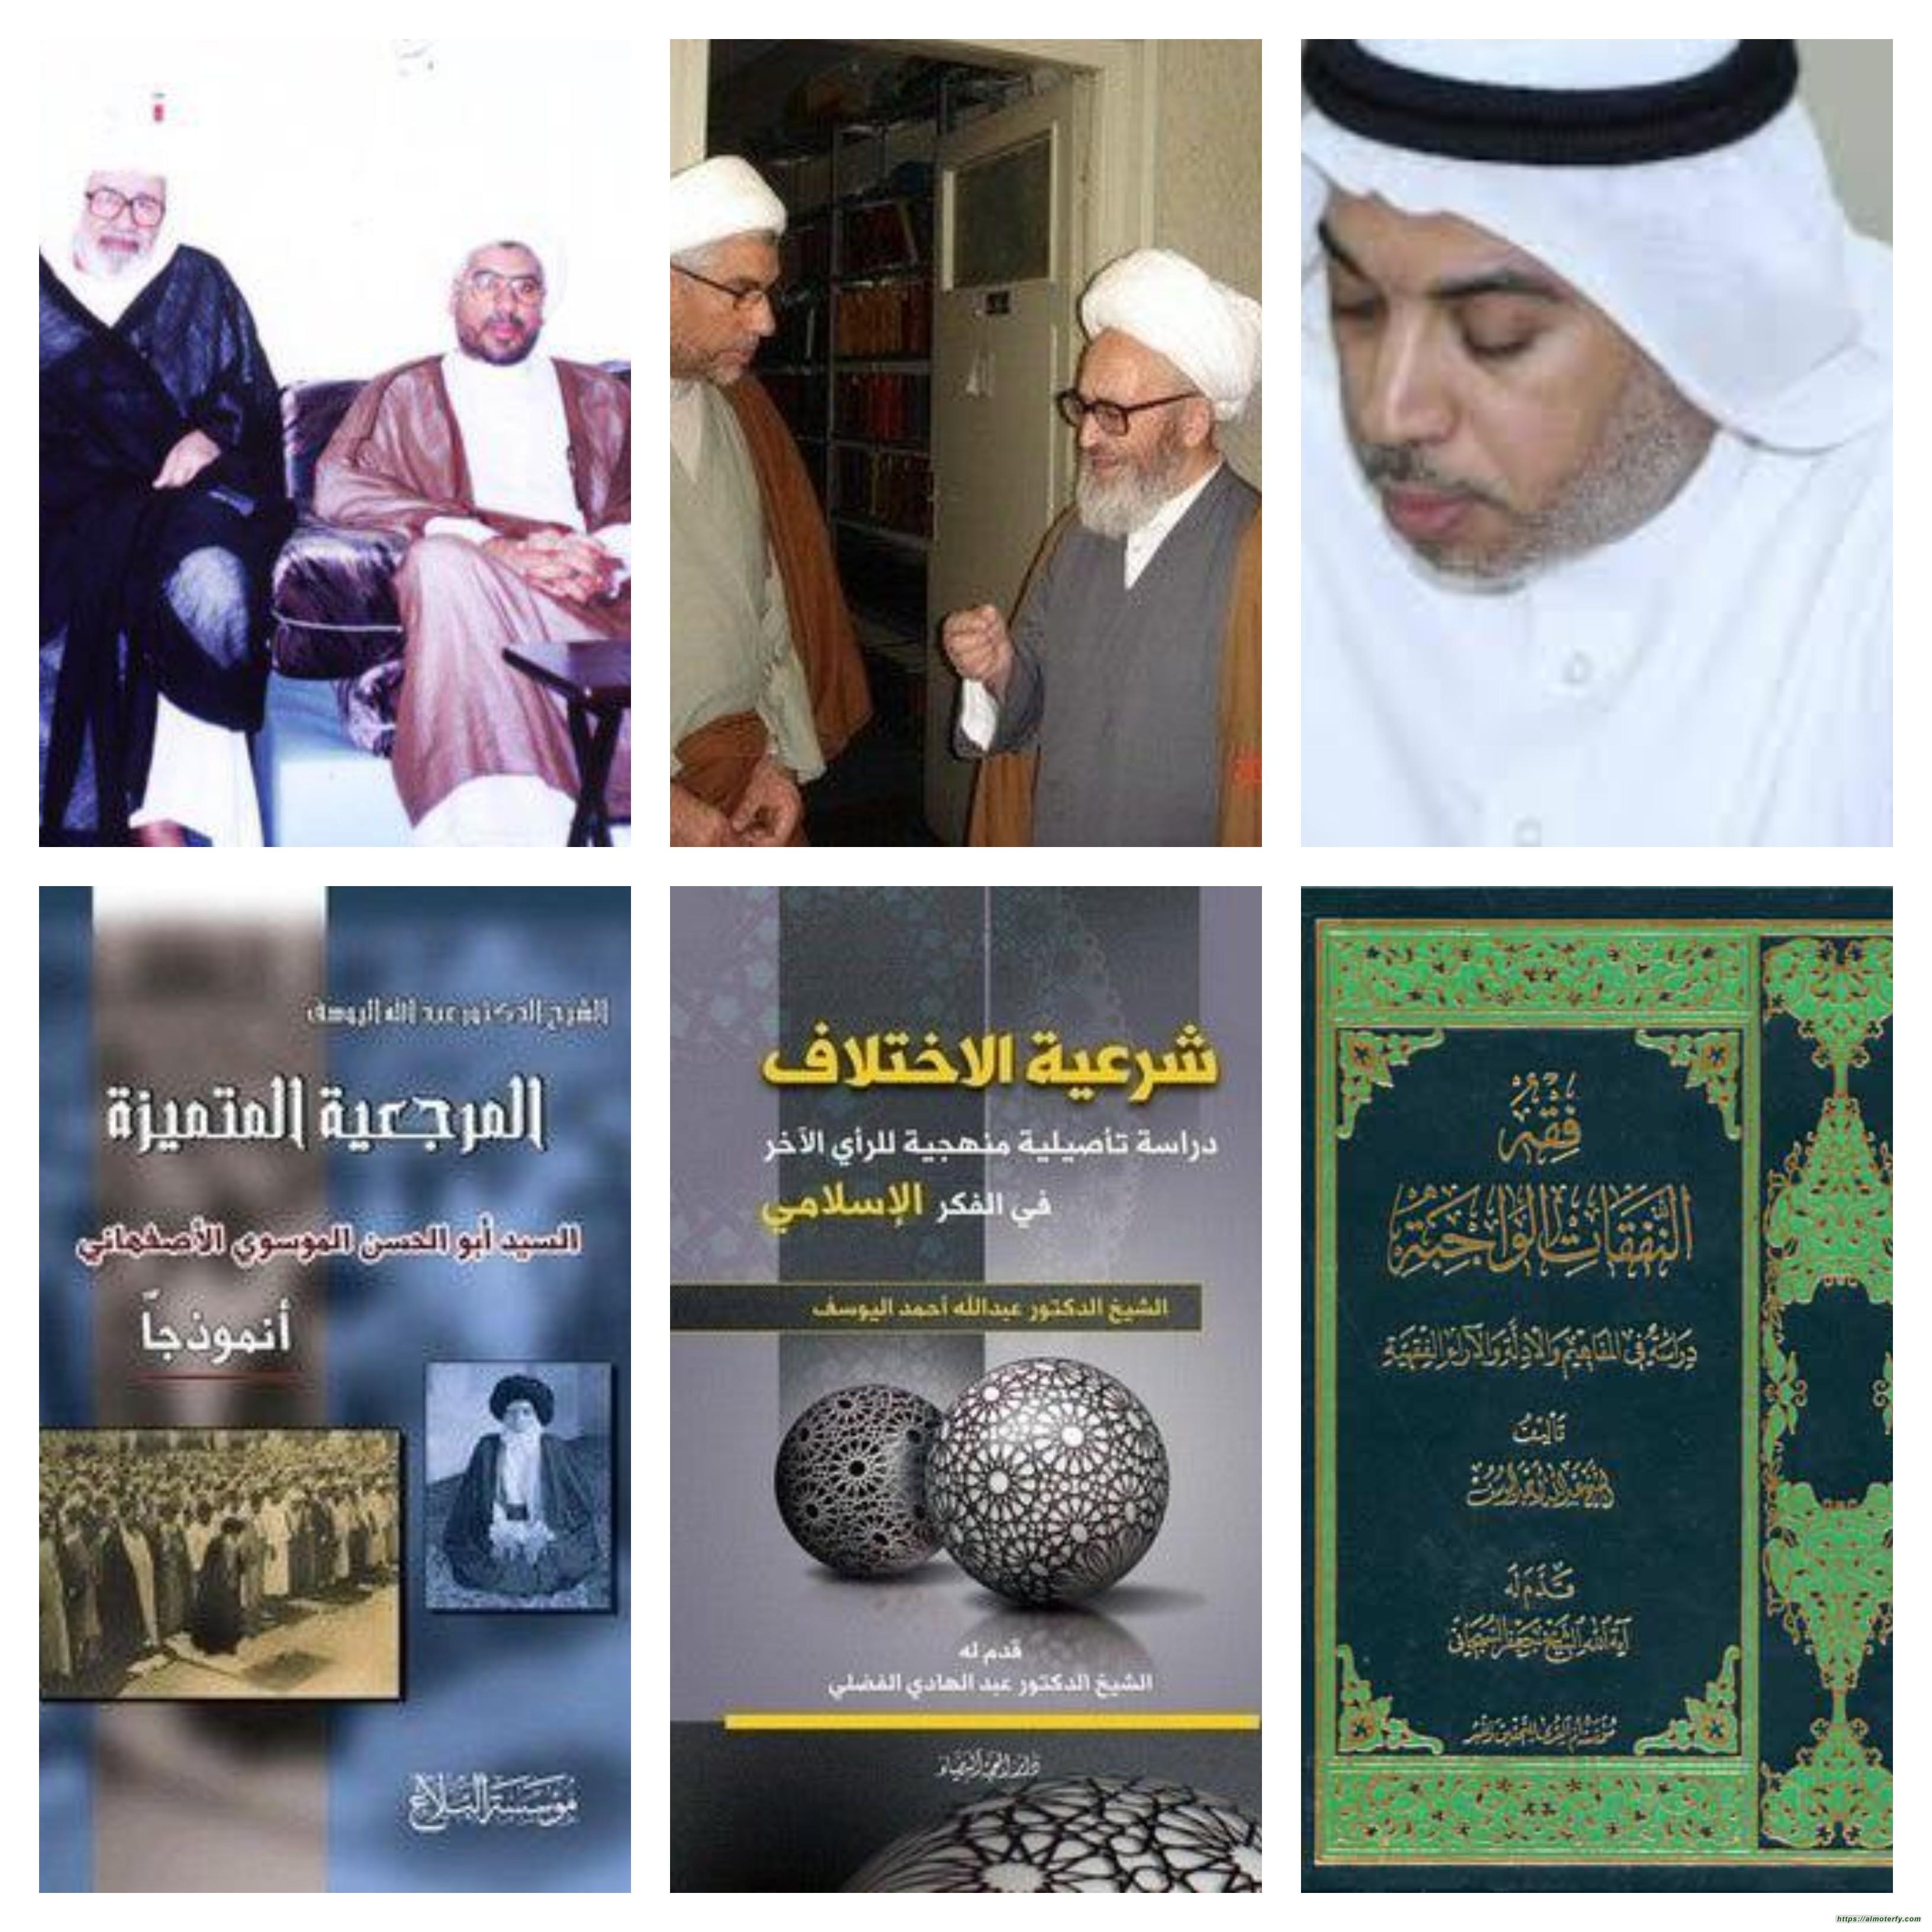 مع شخصيات الفكر والأدب: الشيخ الدكتور عبد الله أحمد اليوسف «5»